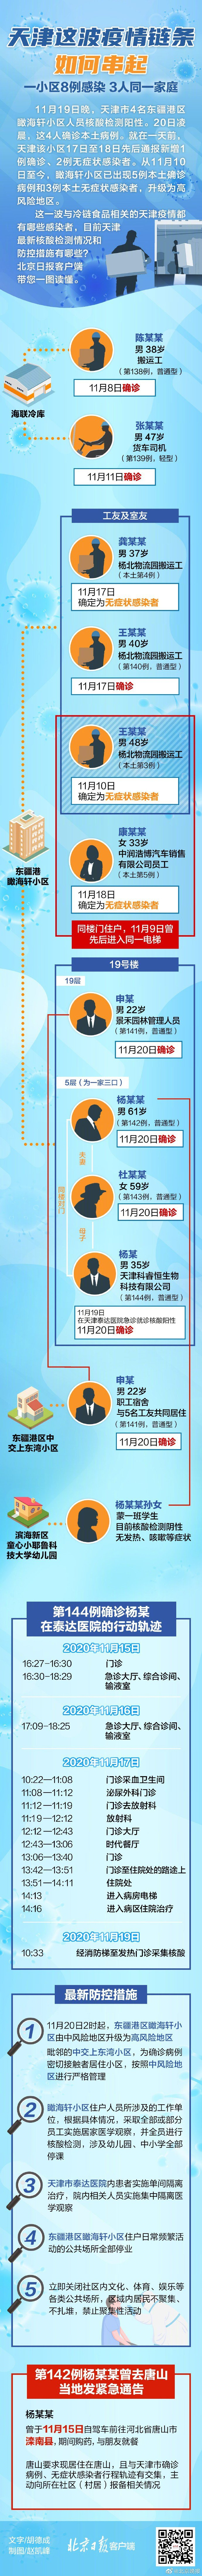 天津进出北京最新规定(根据风险等级调整)